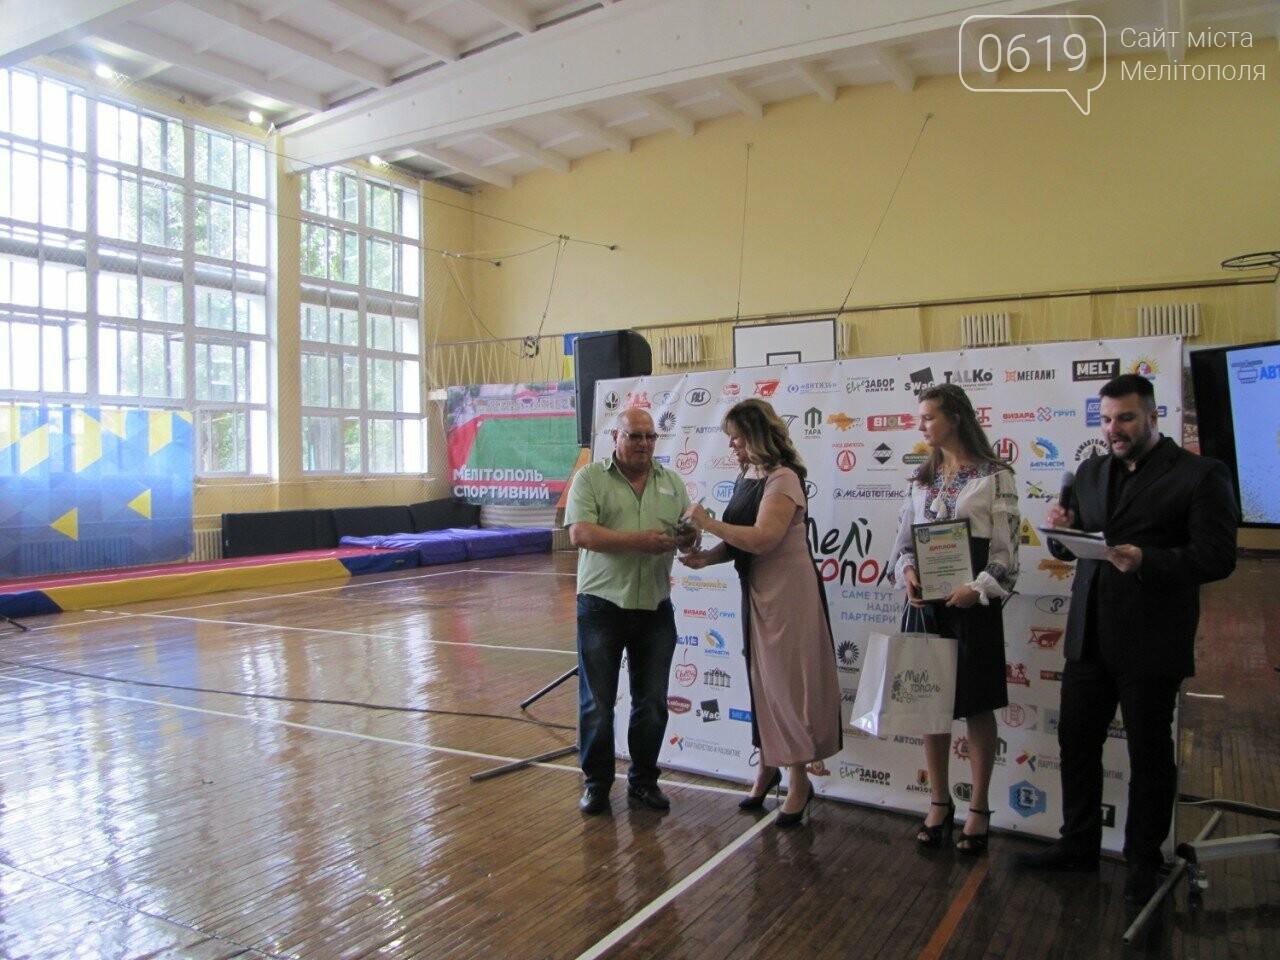 Мелитопольских предпринимателей поздравили с профессиональным праздником, фото-8